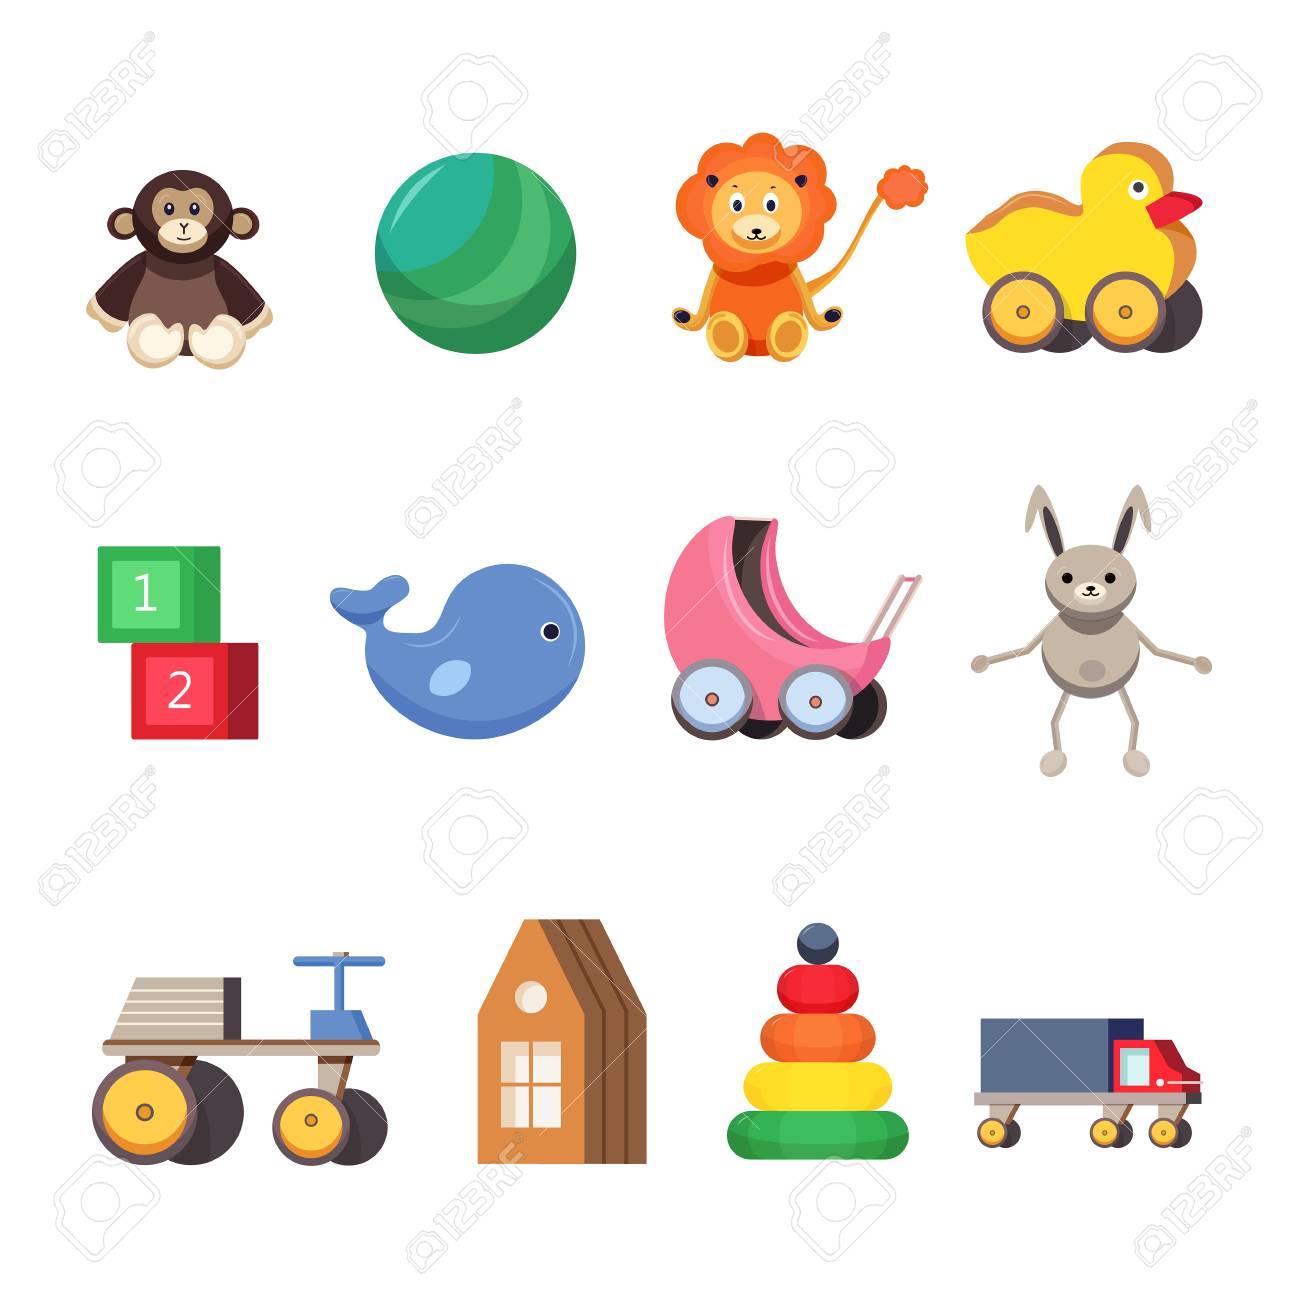 Vettoriale Set Di Giocattoli Per Bambini Illustrazioni Piatte